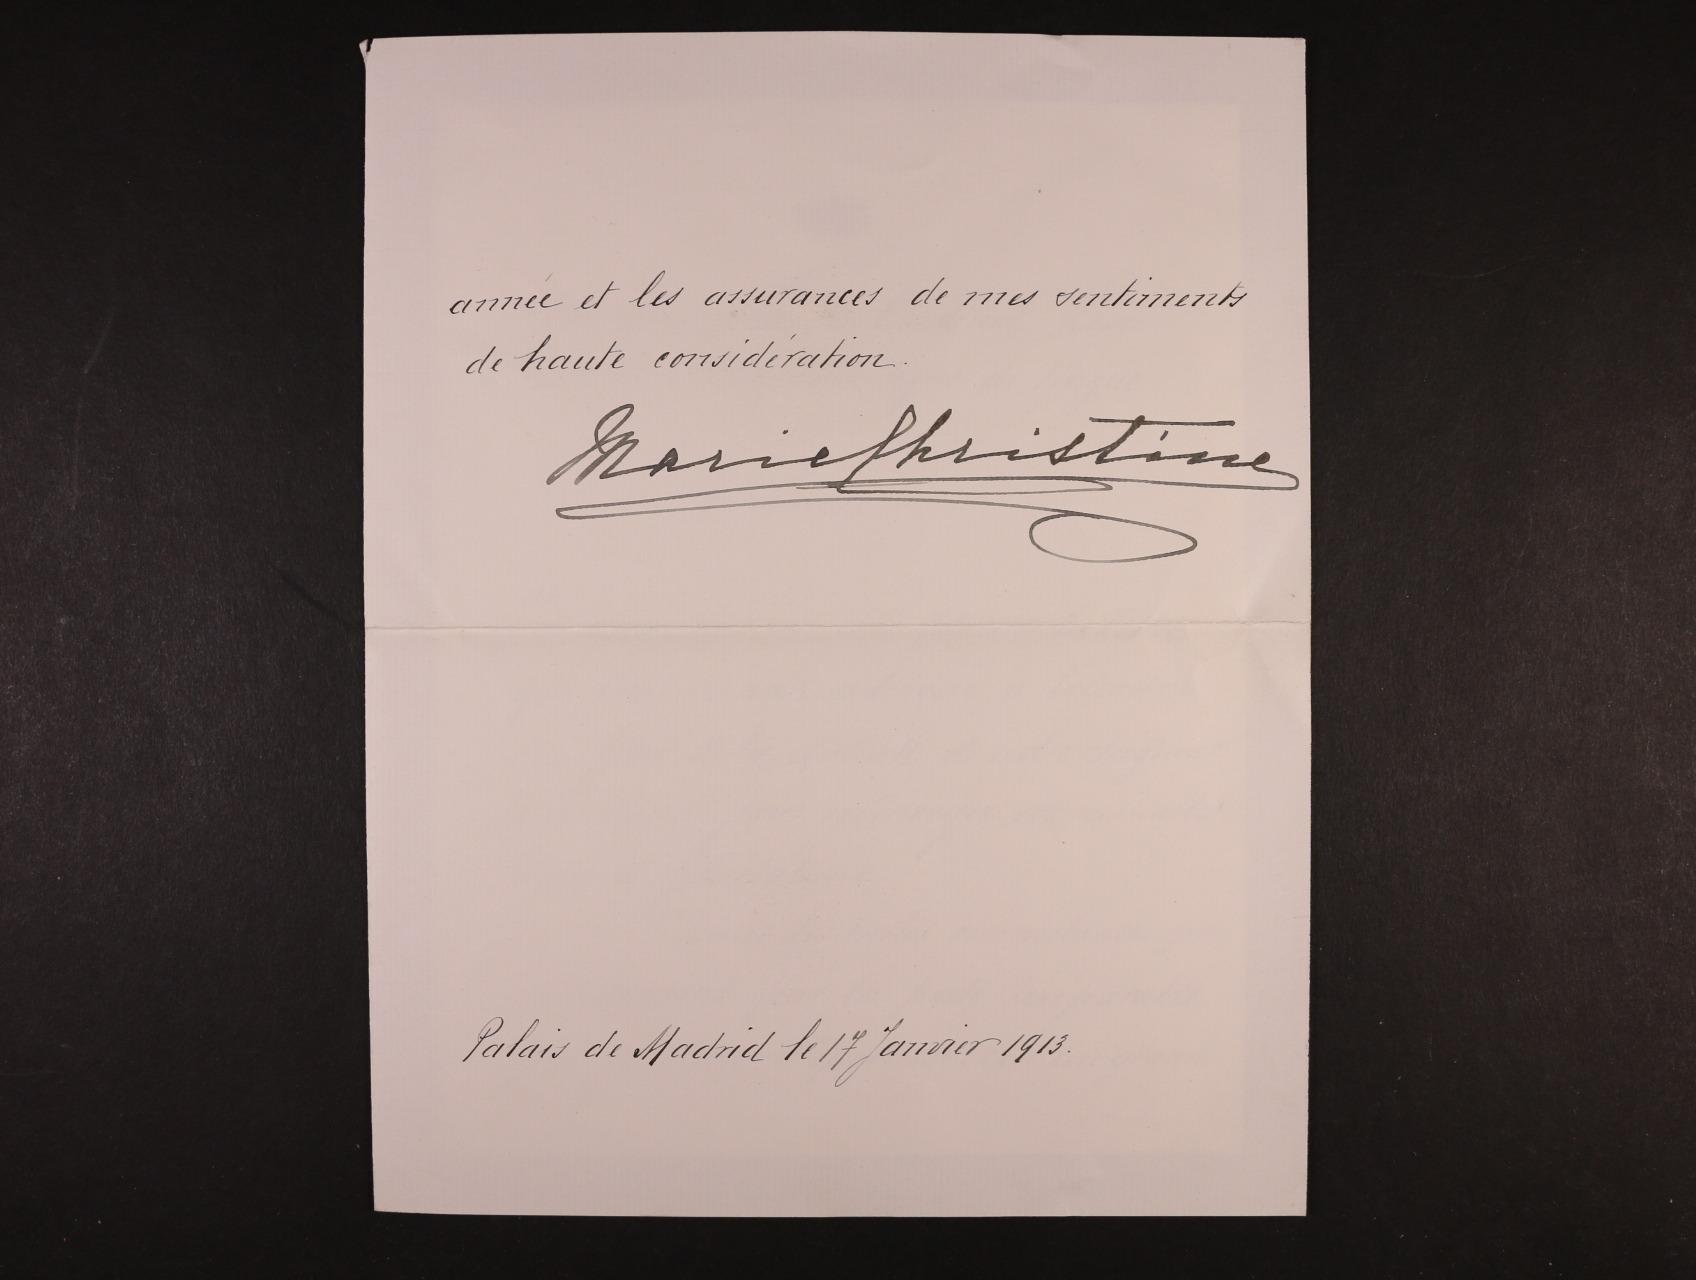 Marie Kristina Habsbursko-Lotrinská / Španělská 1858 - 1929, cís. královská princezna, arcivévodkyně Rakouská, 2. manželka krále Alfonse XII. Španělského - dopis na oficielním papíře s král. korunkou s vlastnoručním podpisem a datací 17.ledna 1913, + obálka s neporušenou pečetí